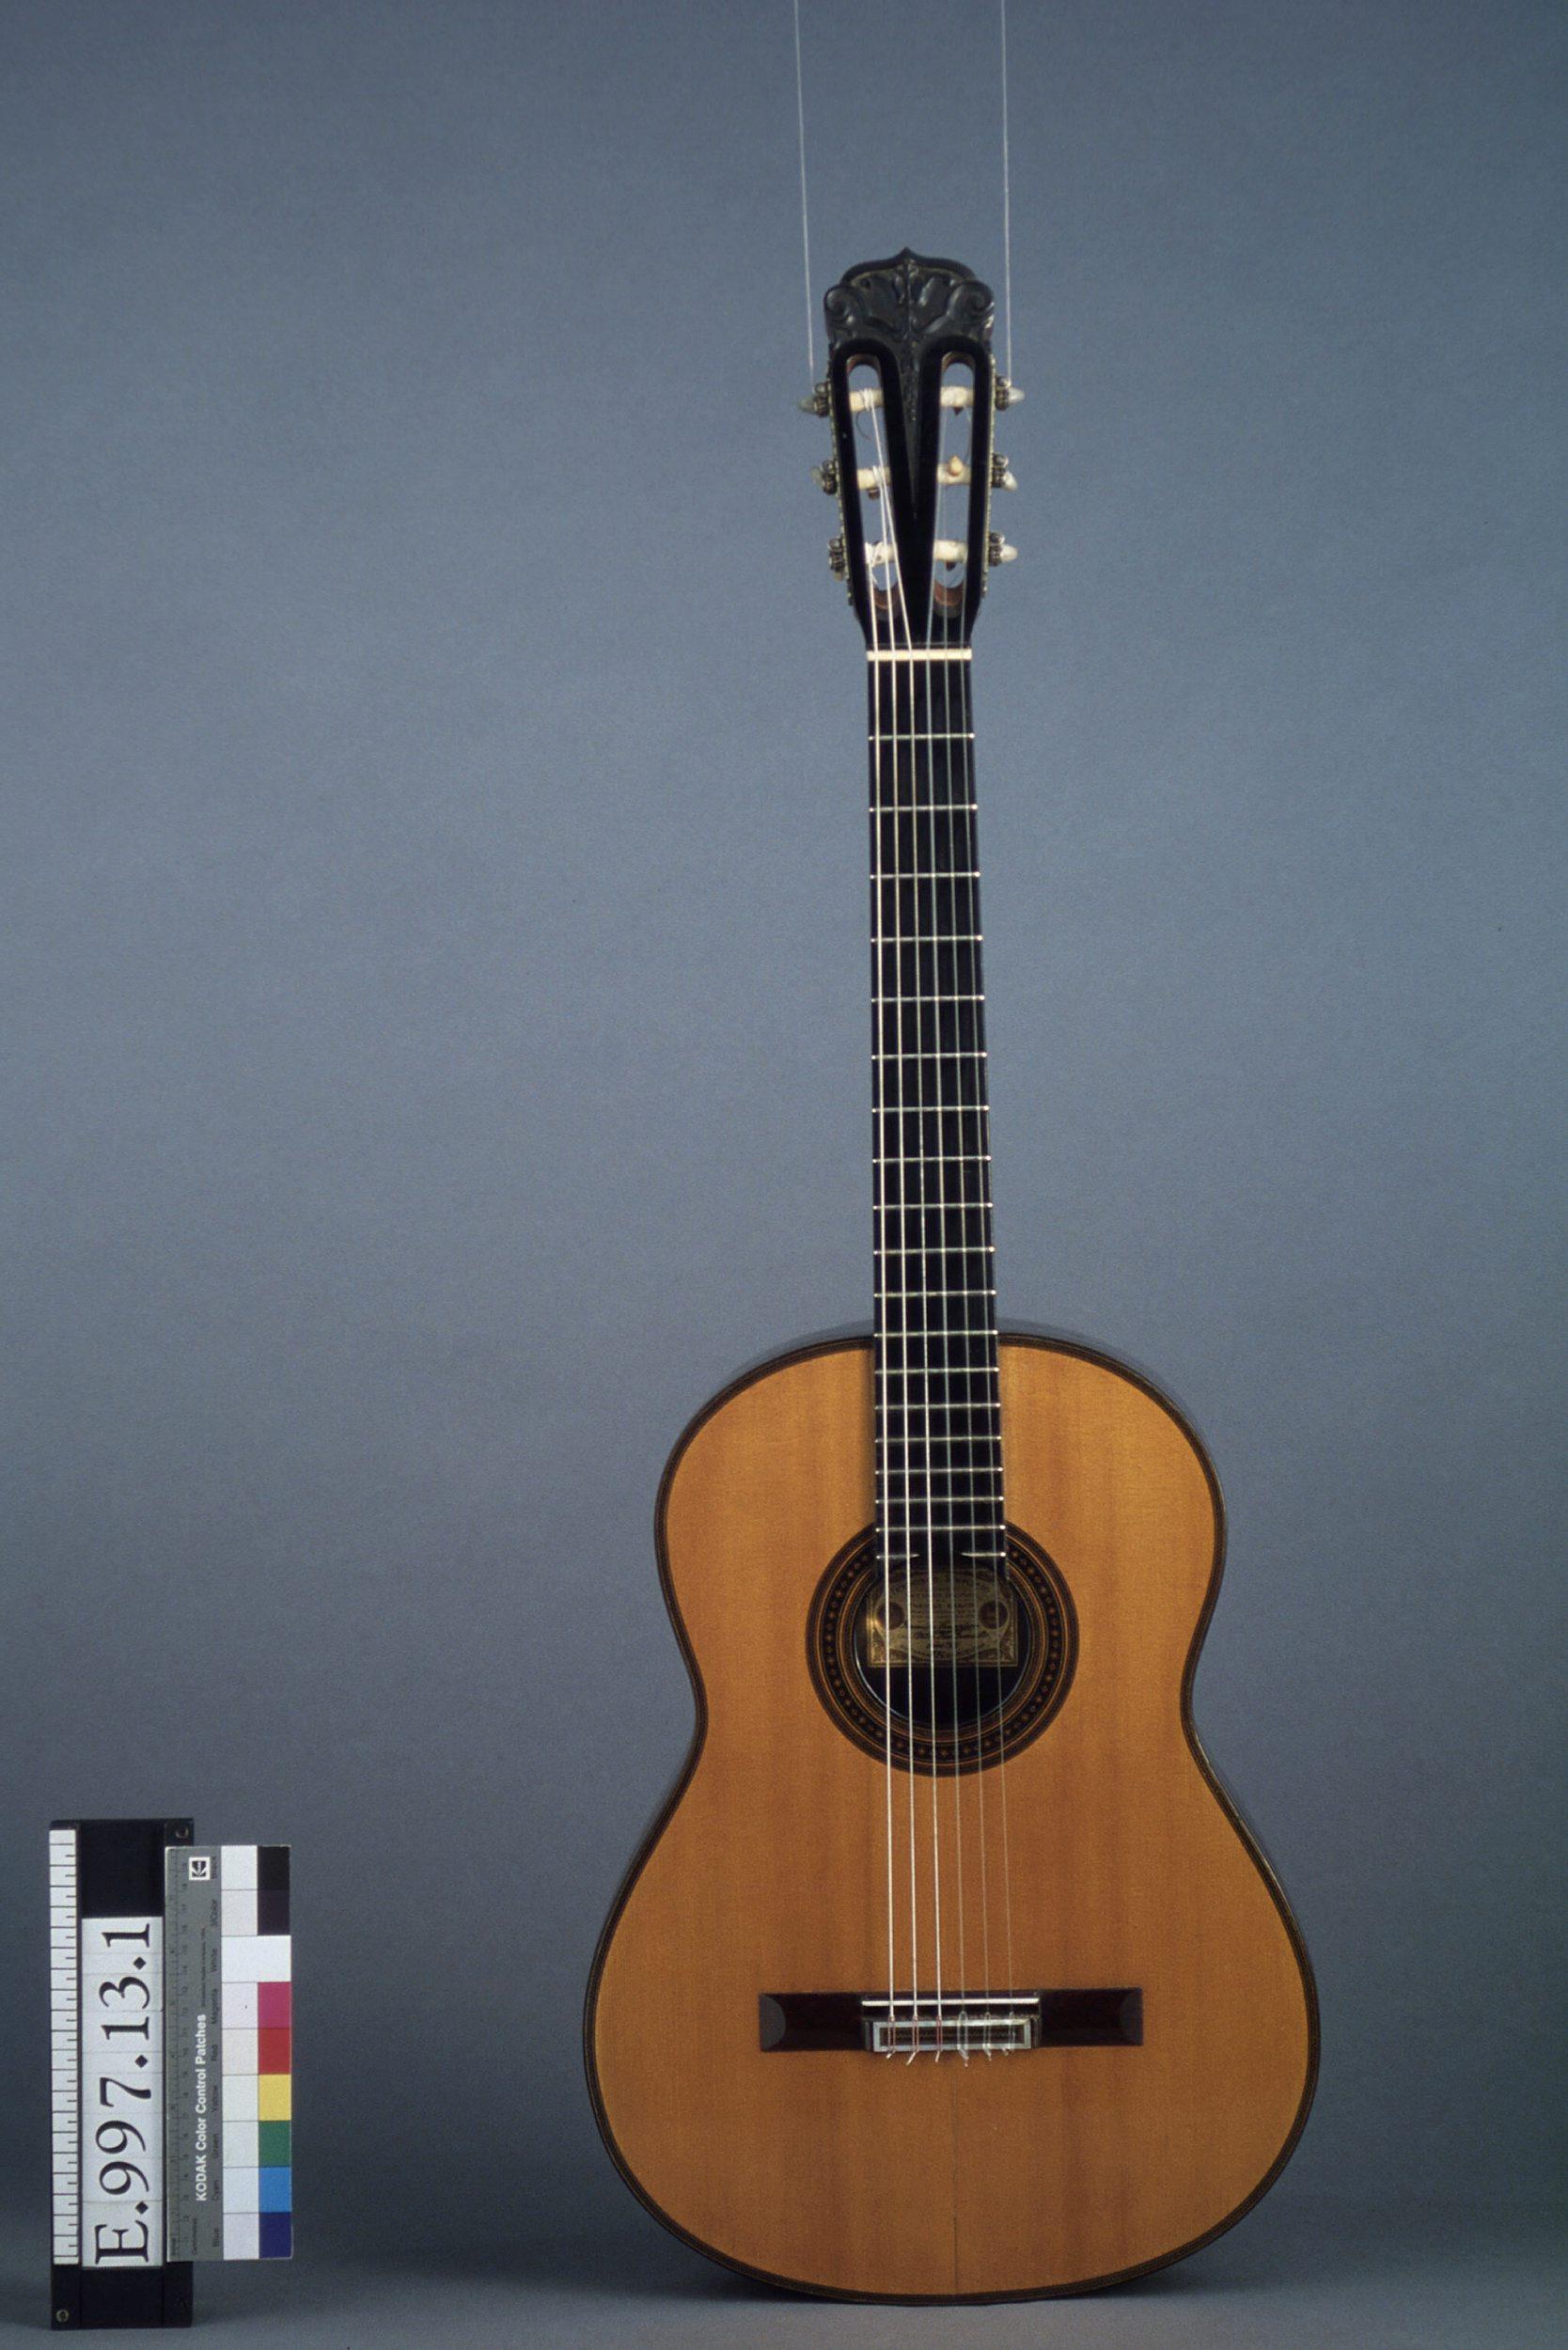 Guitare | Francisco Simplicio